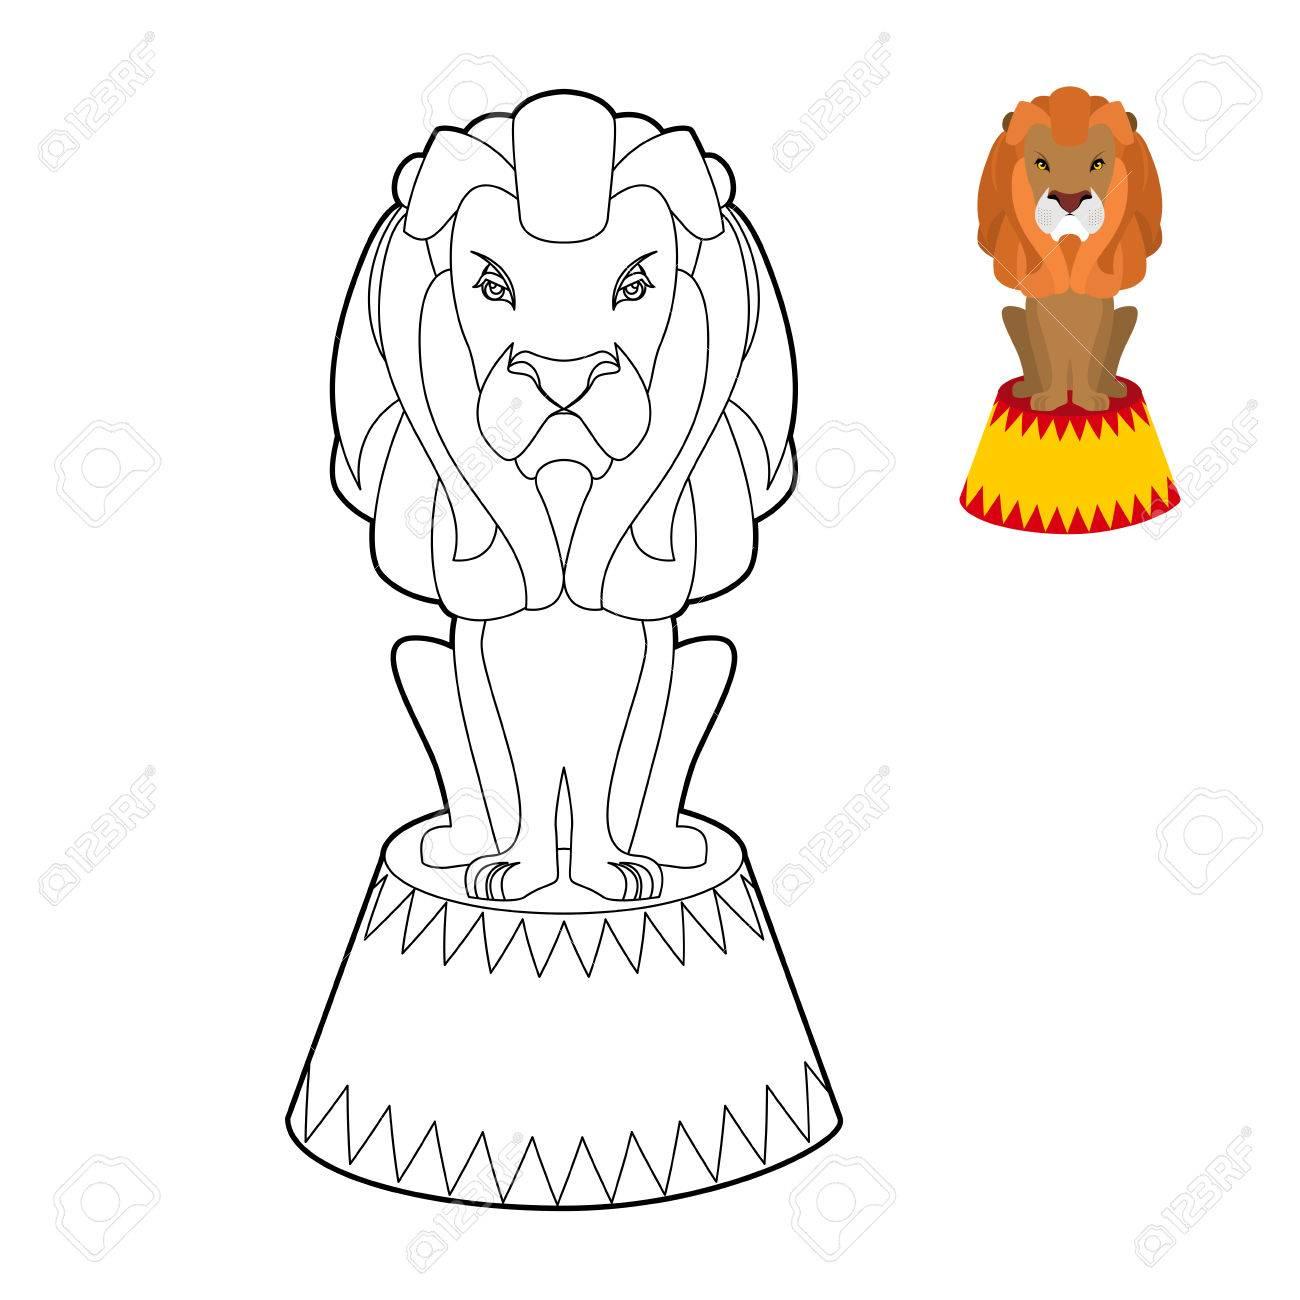 León Del Circo Libro Para Colorear. Animales Graves Grande En Estilo ...